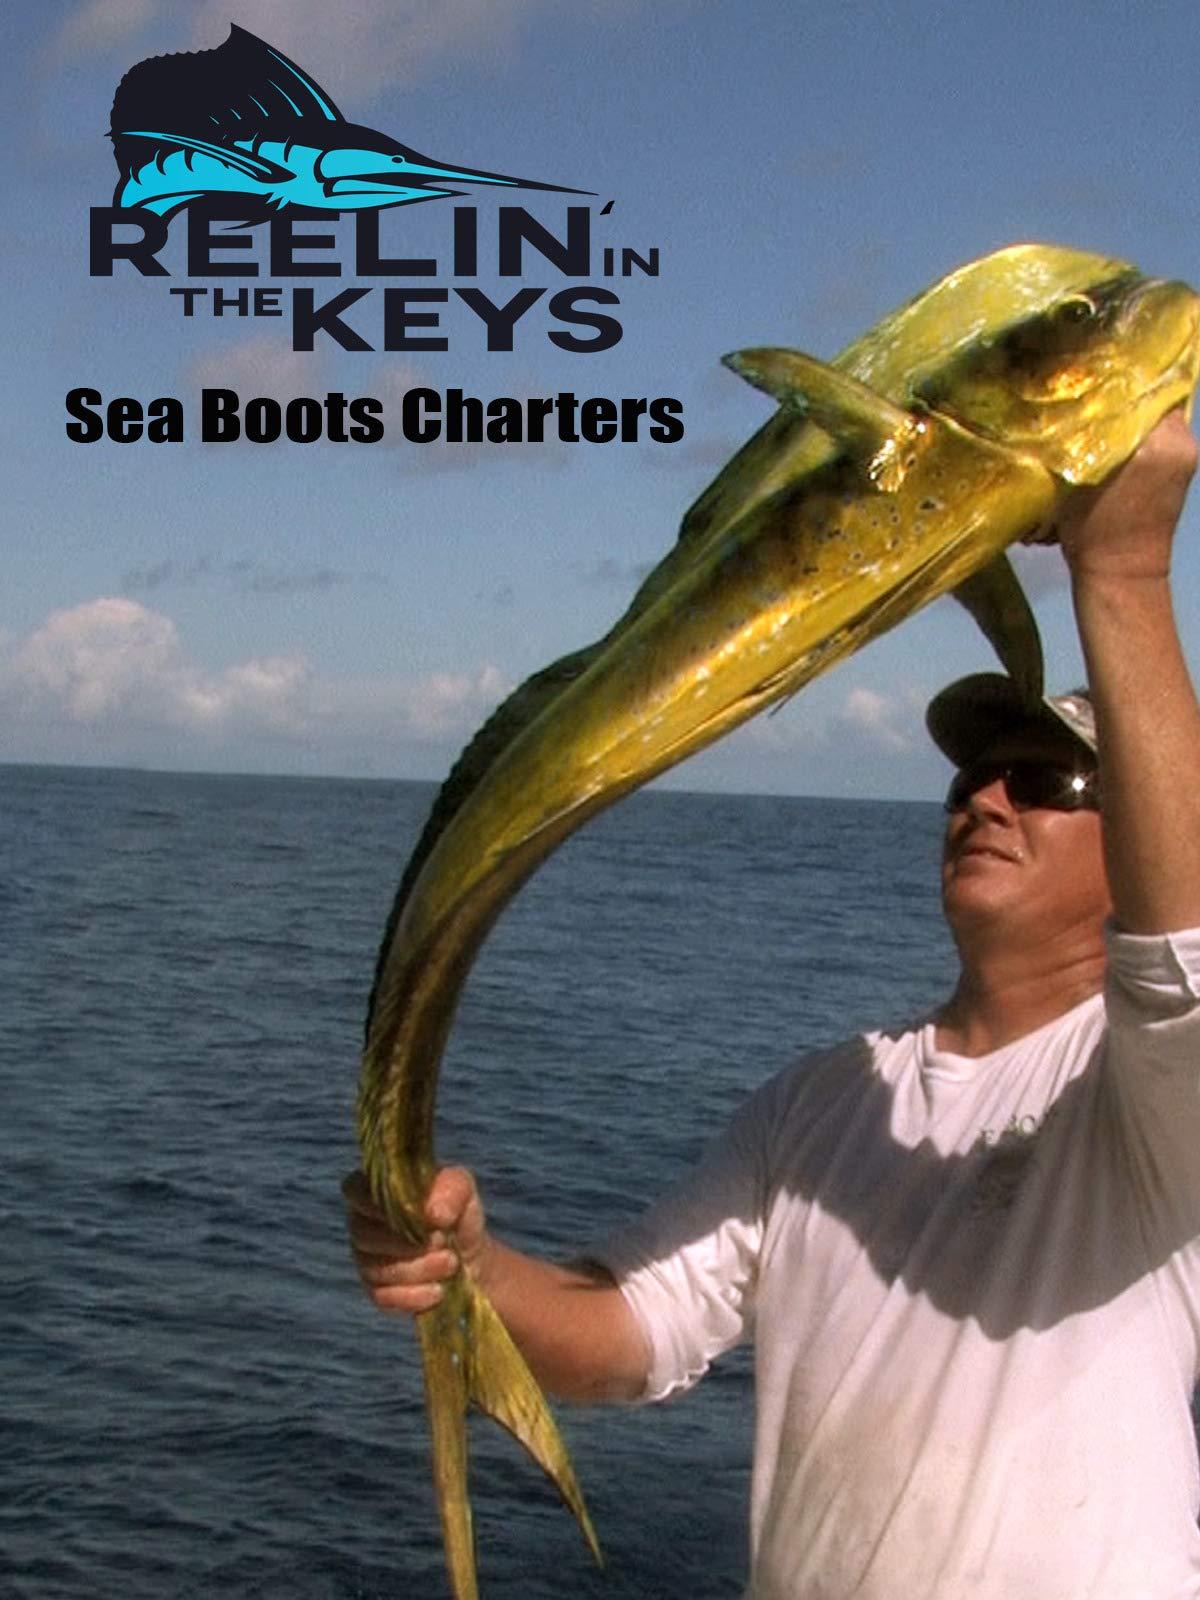 Reelin' In The Keys - Sea Boots Charters